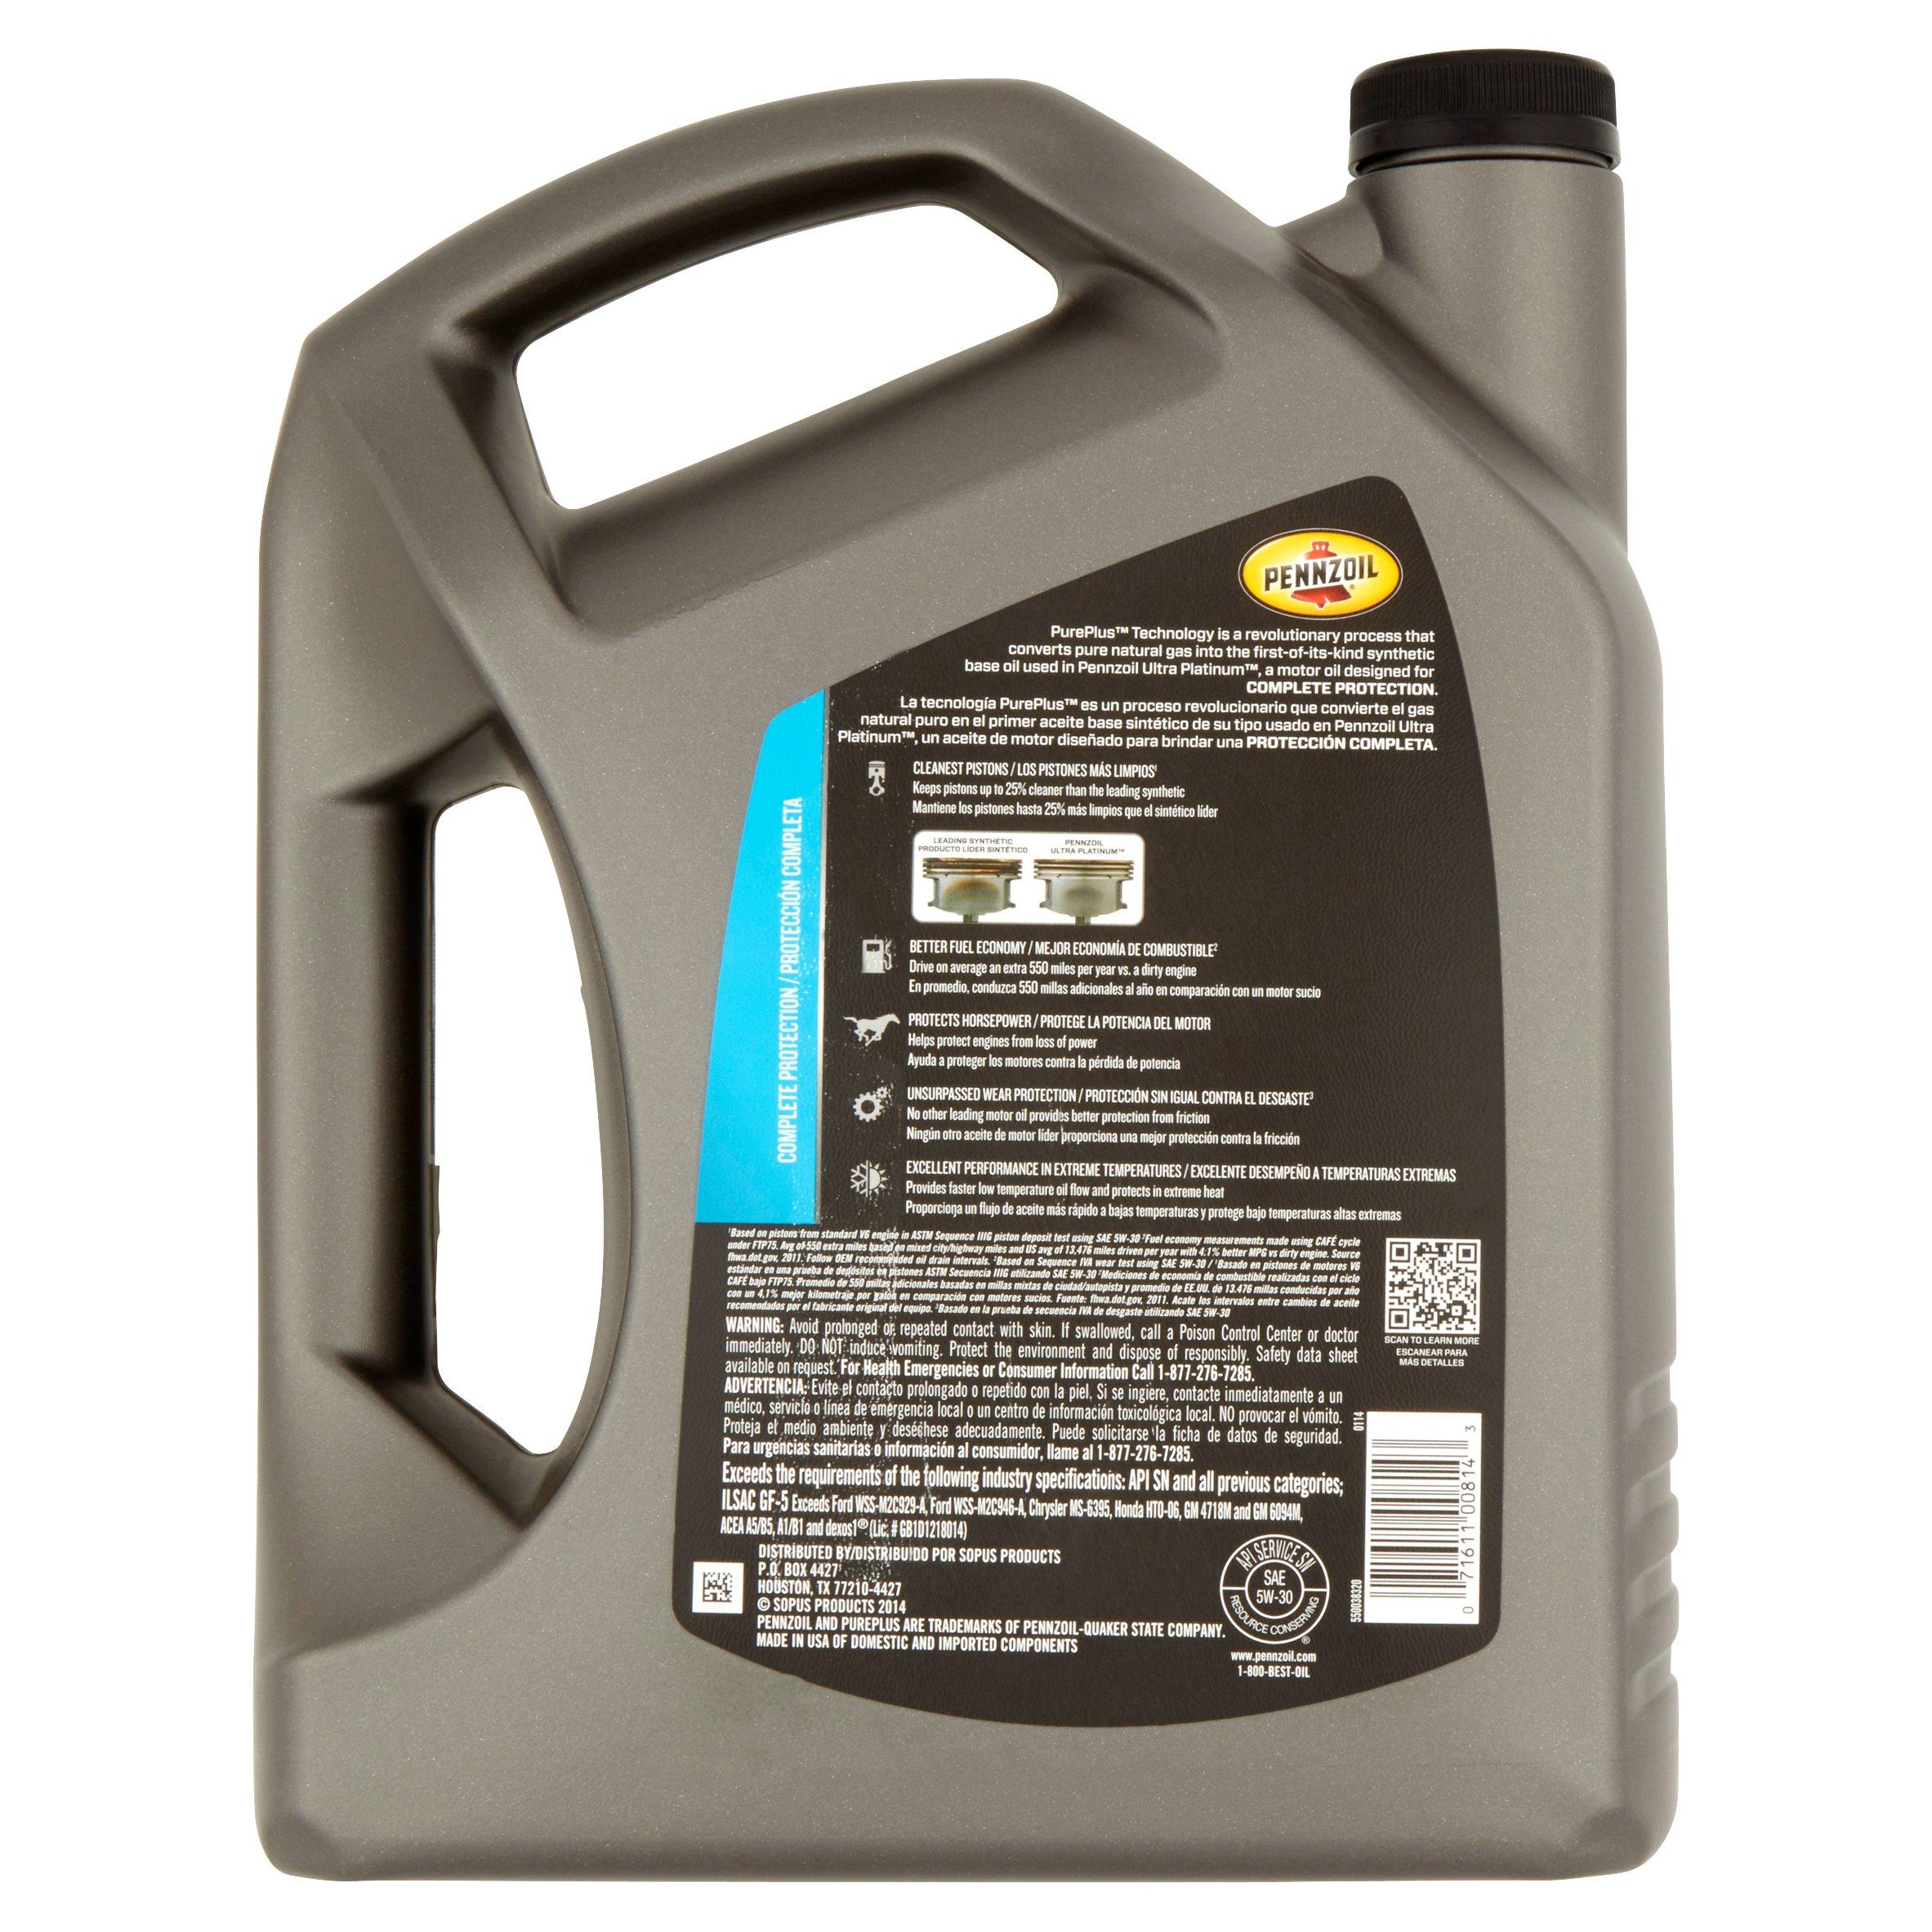 Pennzoil motor oil msds for Pennzoil 5w30 synthetic blend motor oil